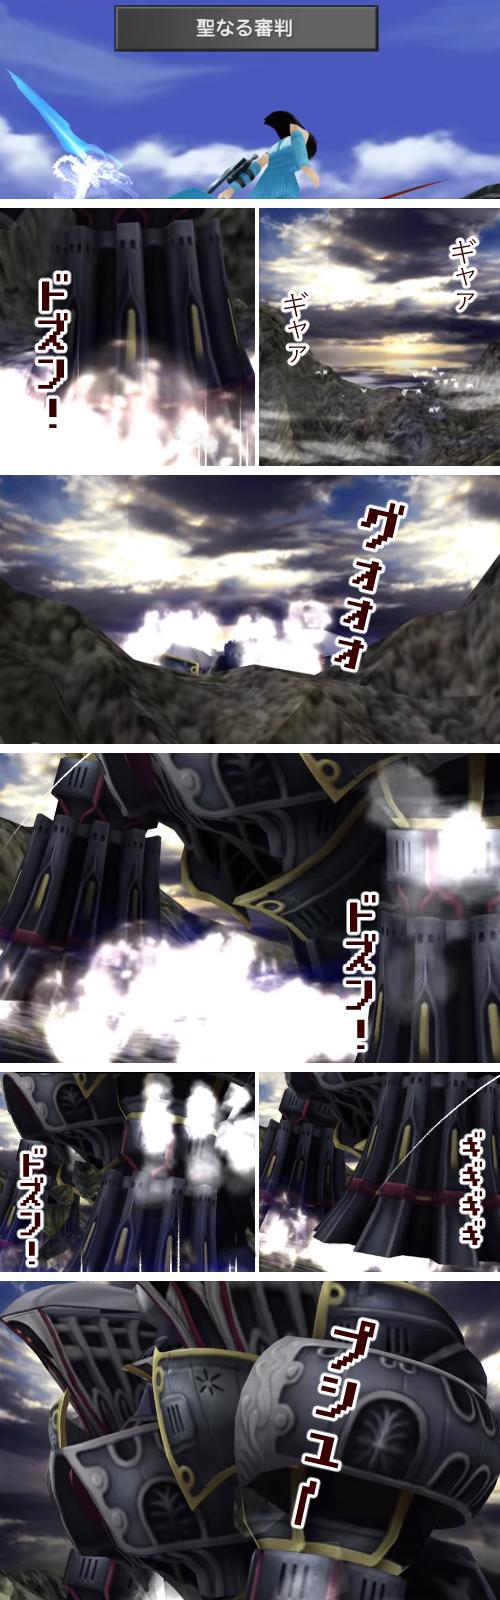 FF8G.F.「アレクサンダー」召喚シーン1